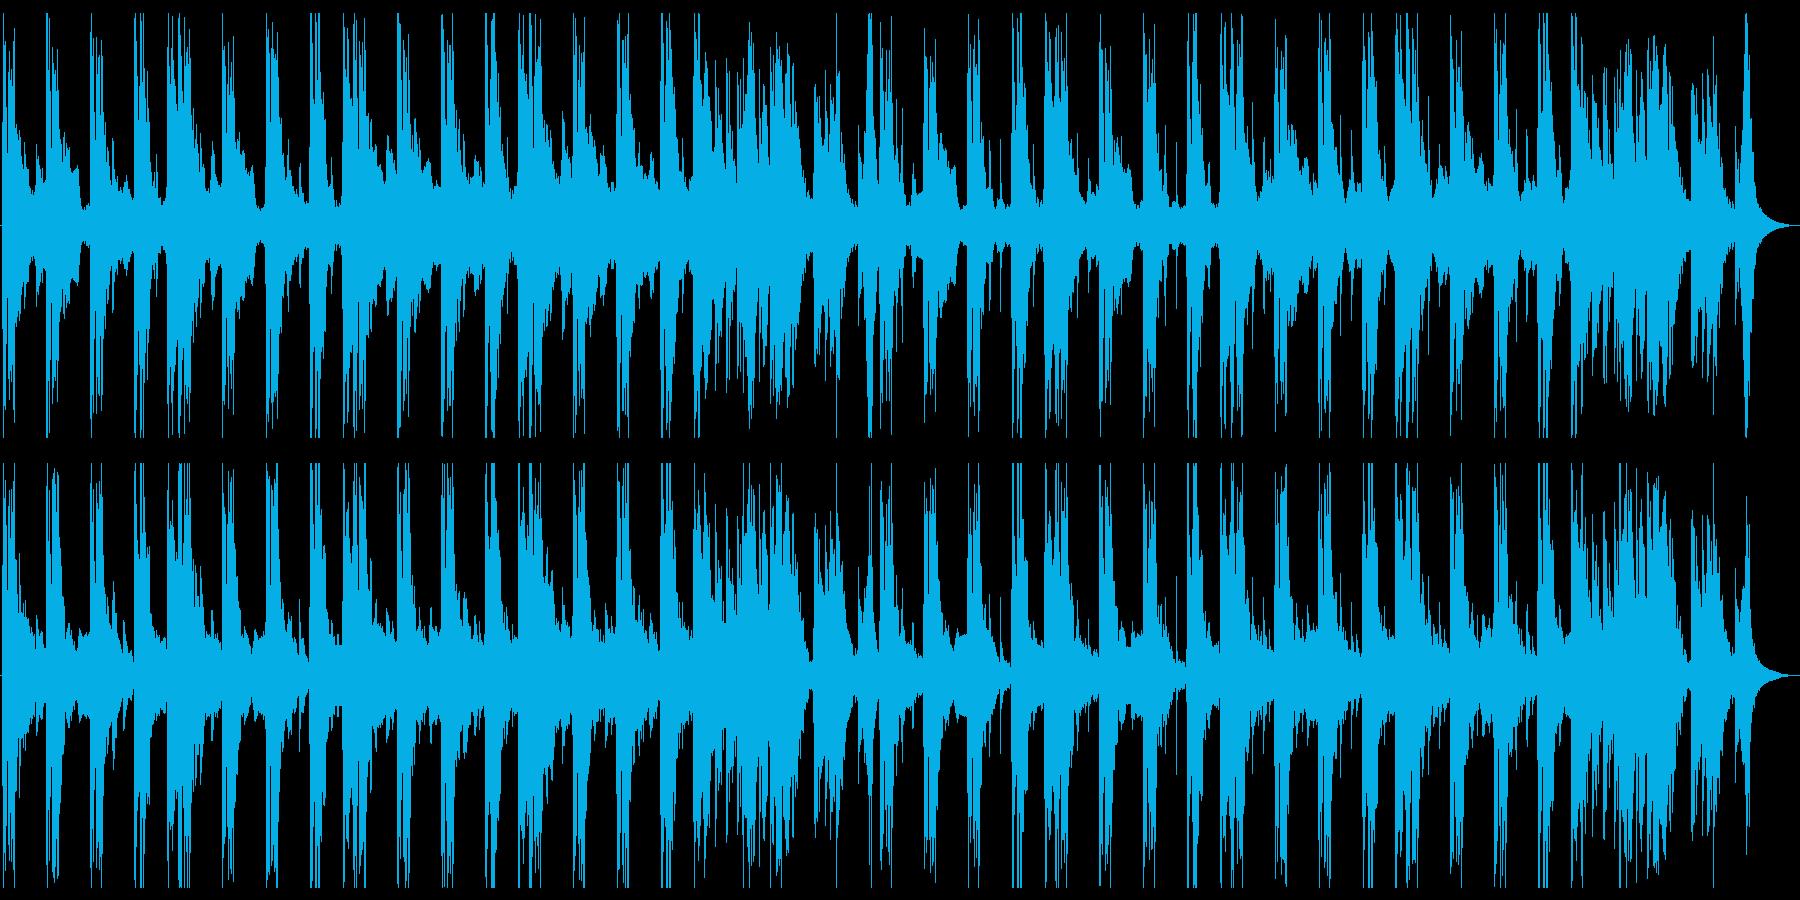 おどろおどろしい怪談的和風楽曲の再生済みの波形